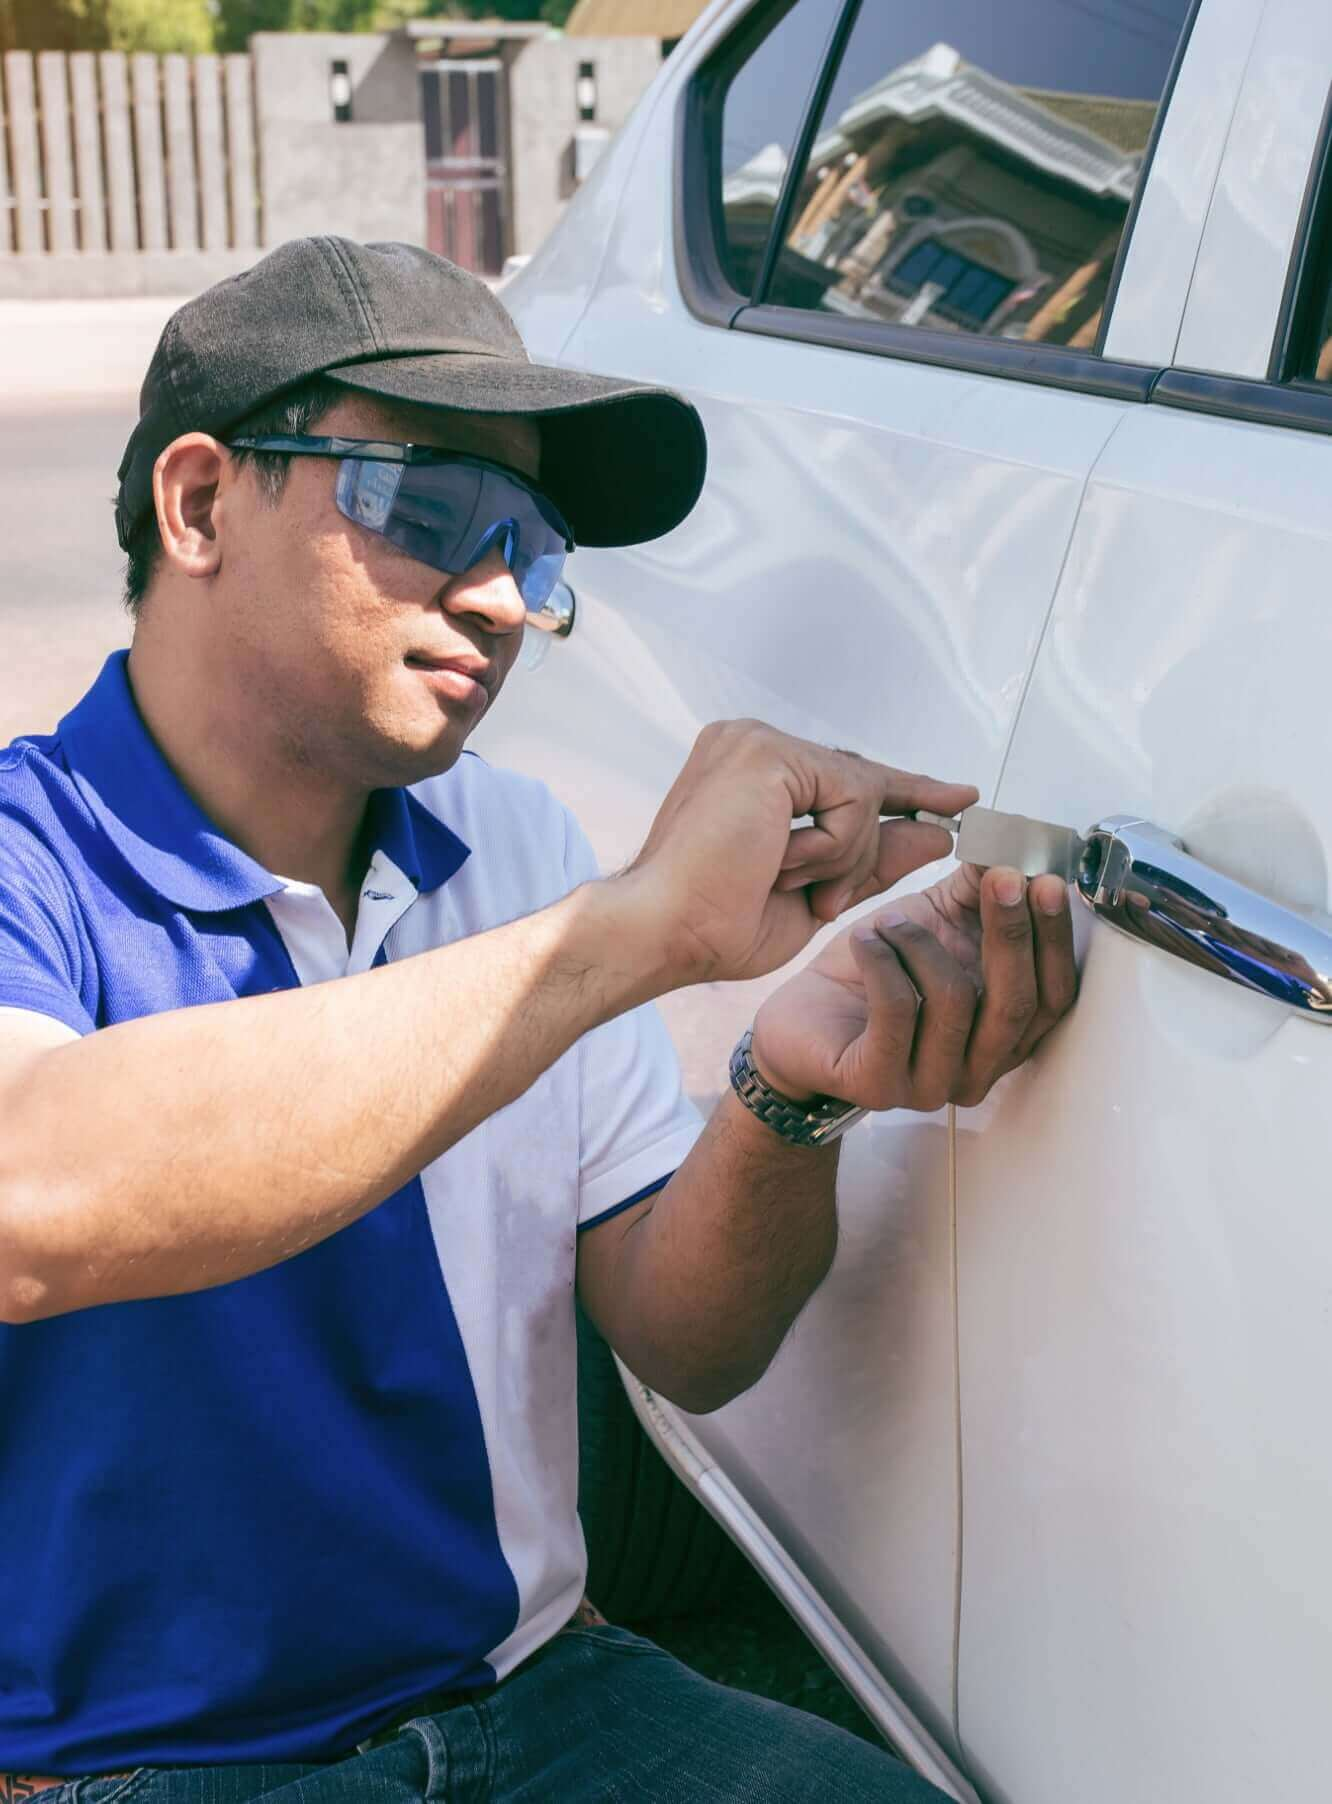 emergency roadside service - Elite Towing